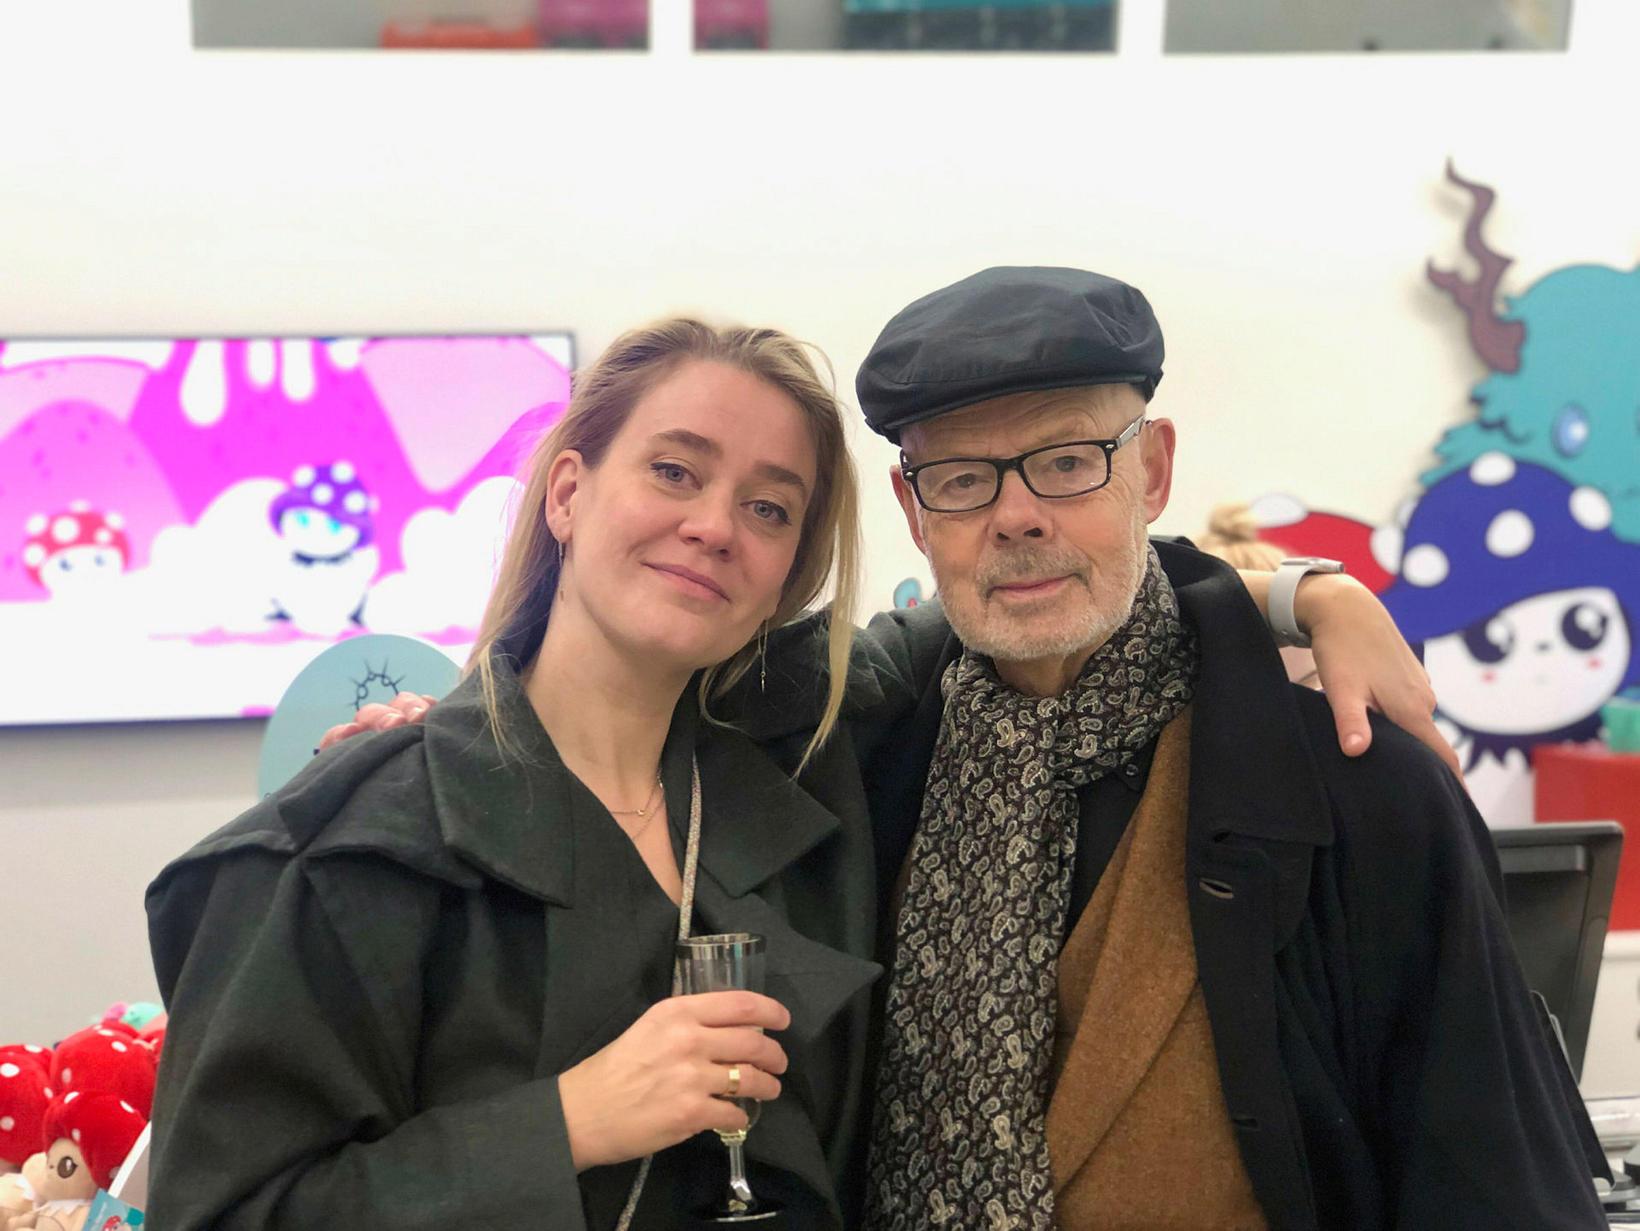 Sigrný Kolbeinsdóttir og Magnús Skúlason.